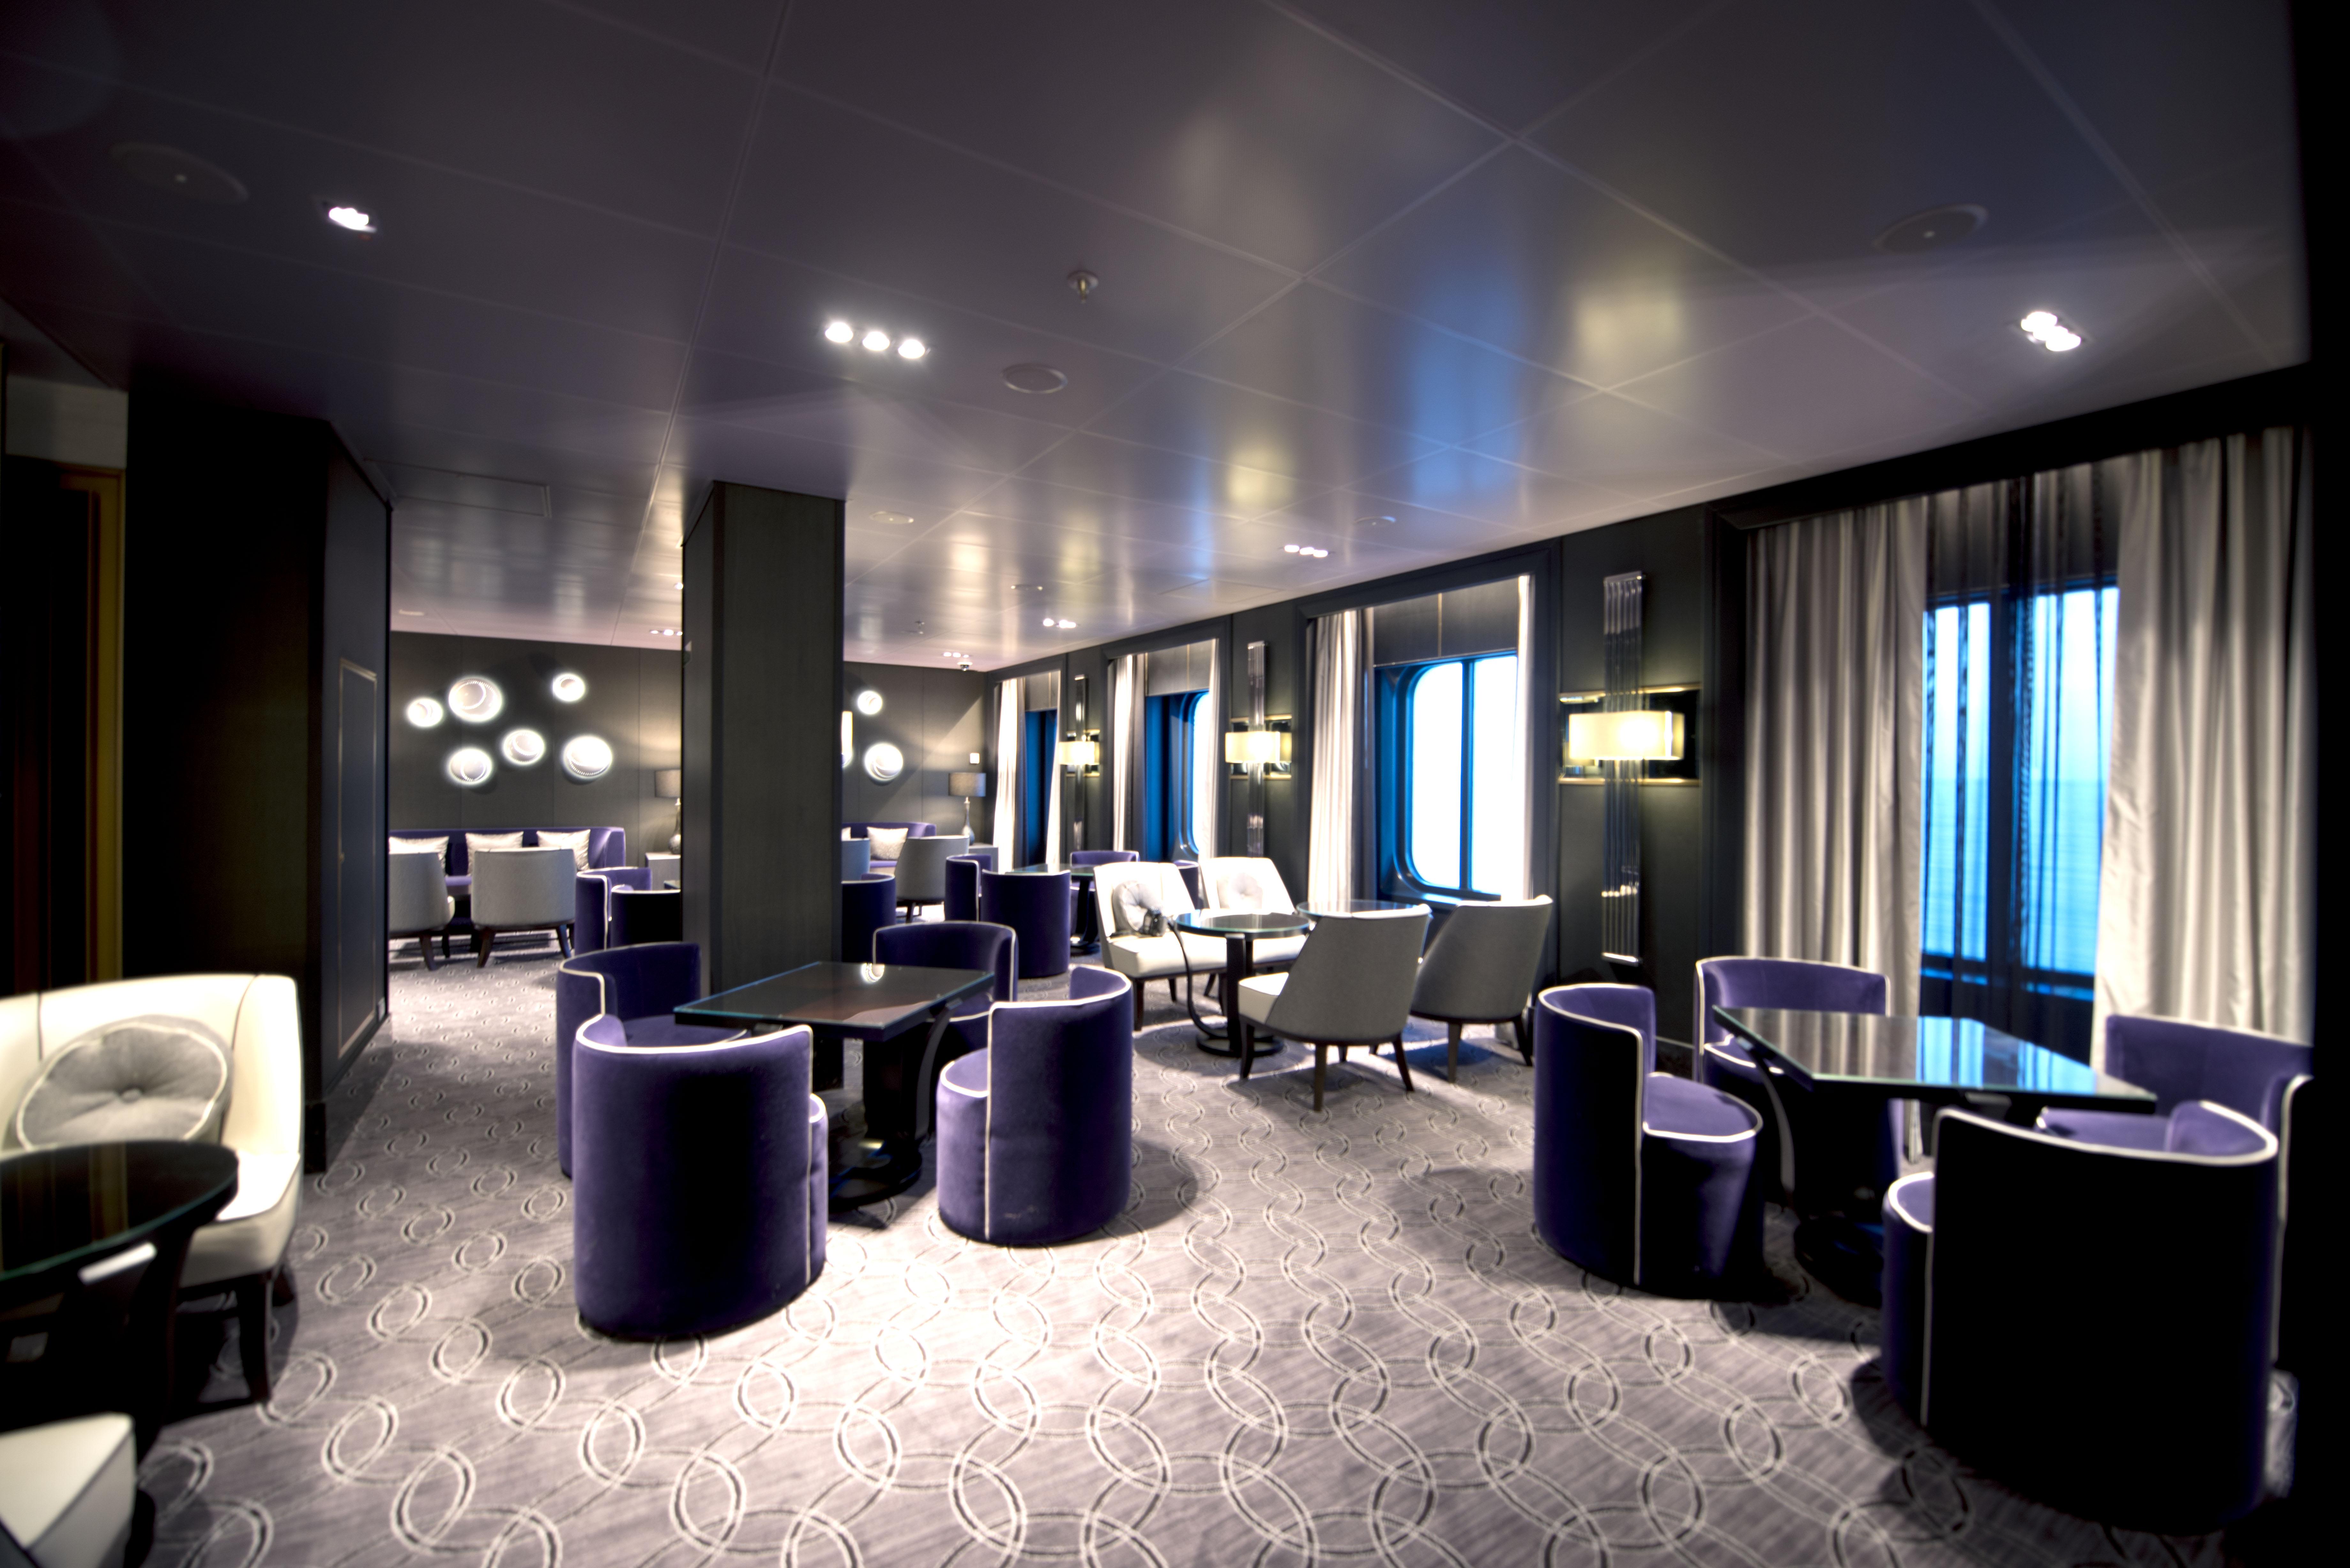 P&O Cruises Britannia Interior Blue Bar Mod D806628 [Tif 14714584202].jpg